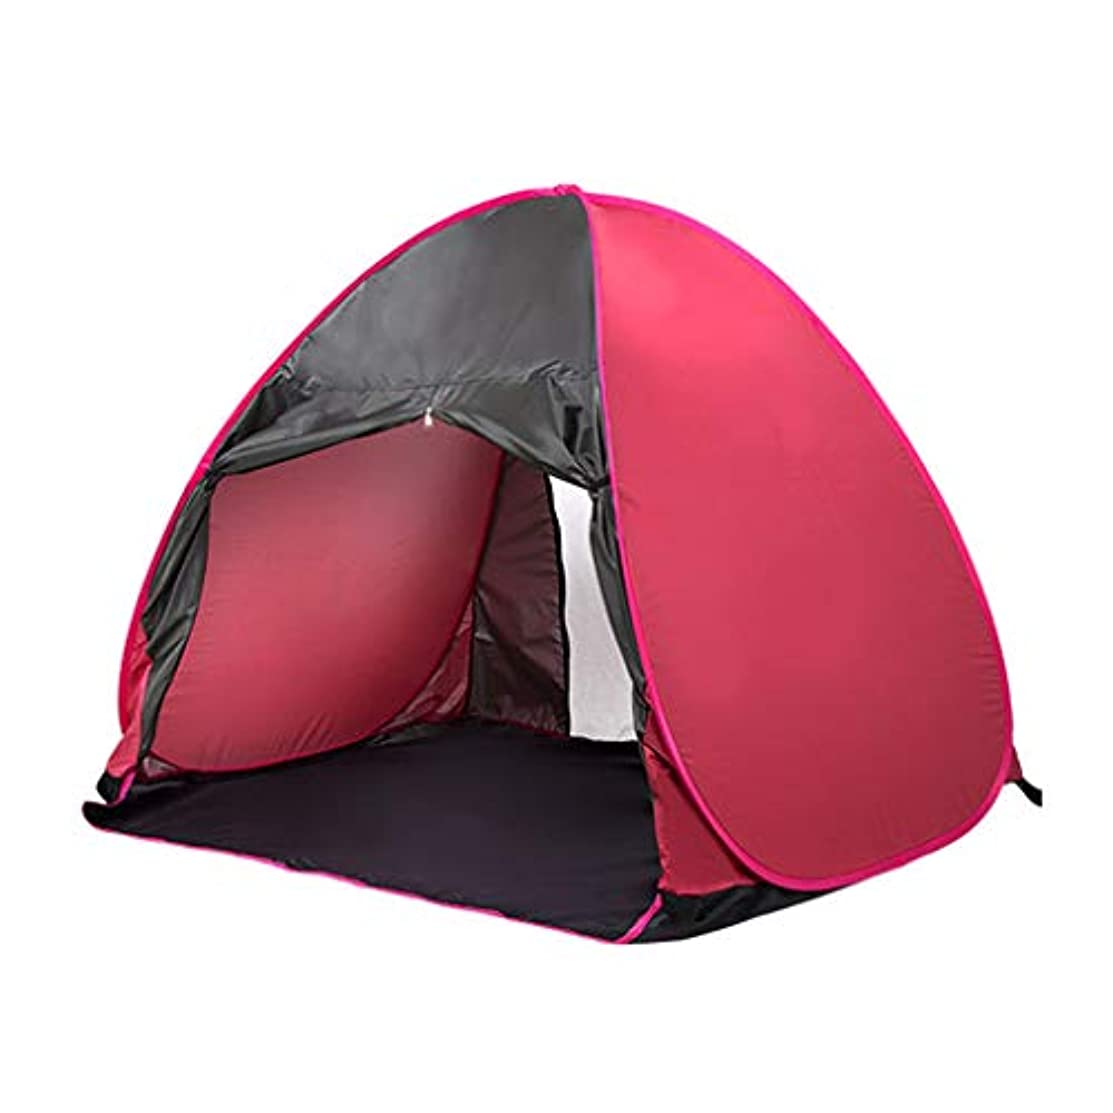 エレクトロニックグリーンランド計算するIDWOI テント シングルビーチテント自動インスタントポップアップ防水軽量ドームテント屋外キャンプシンプルなカップルテント